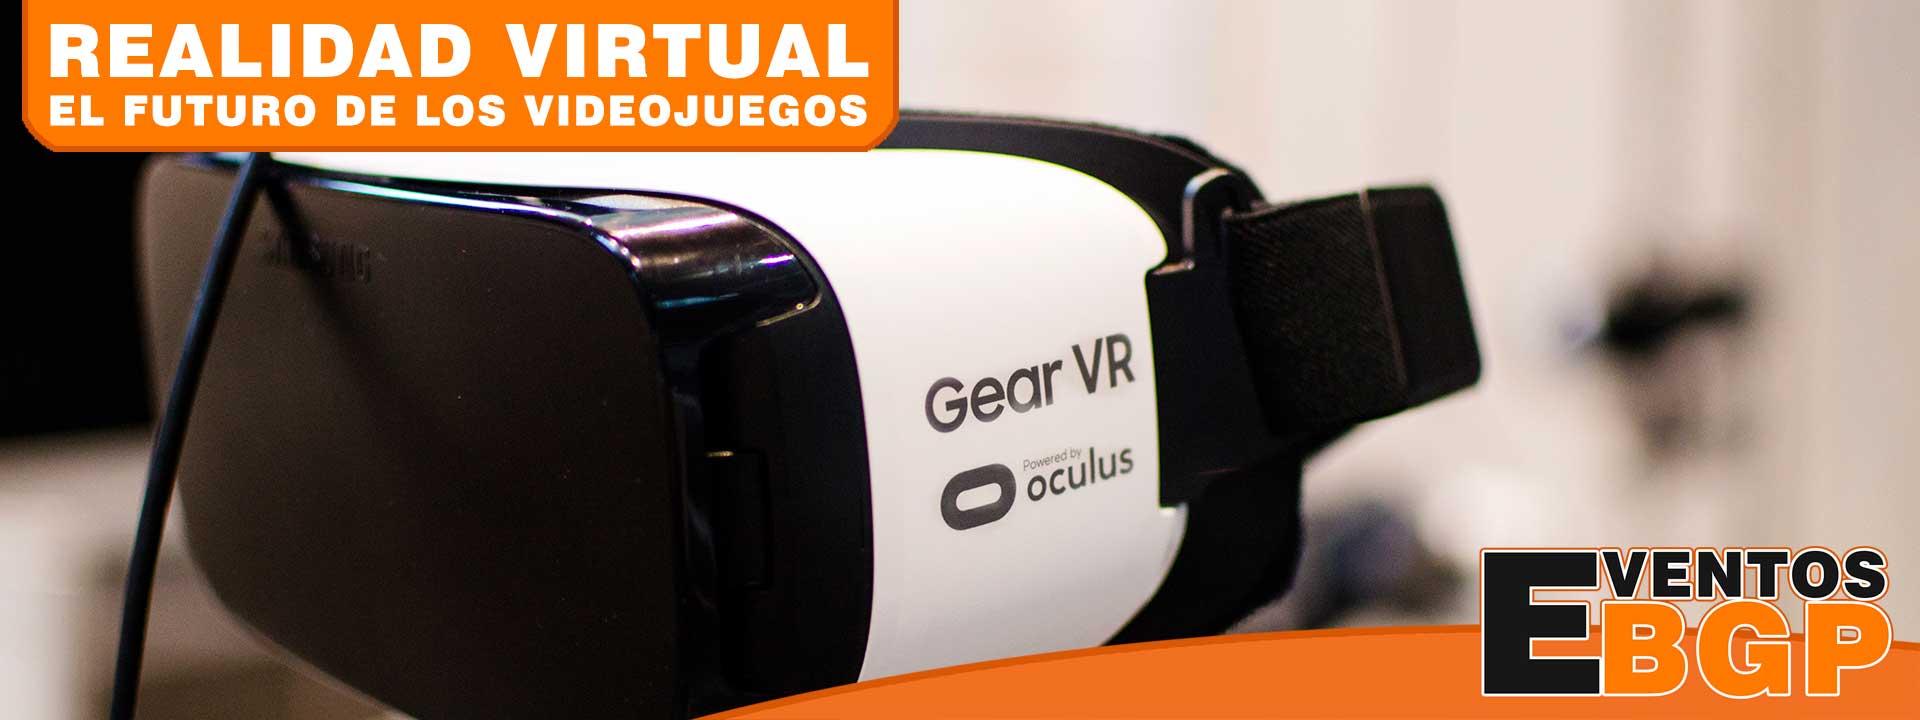 Alquiler Realidad virtual y videojuegos de última generación